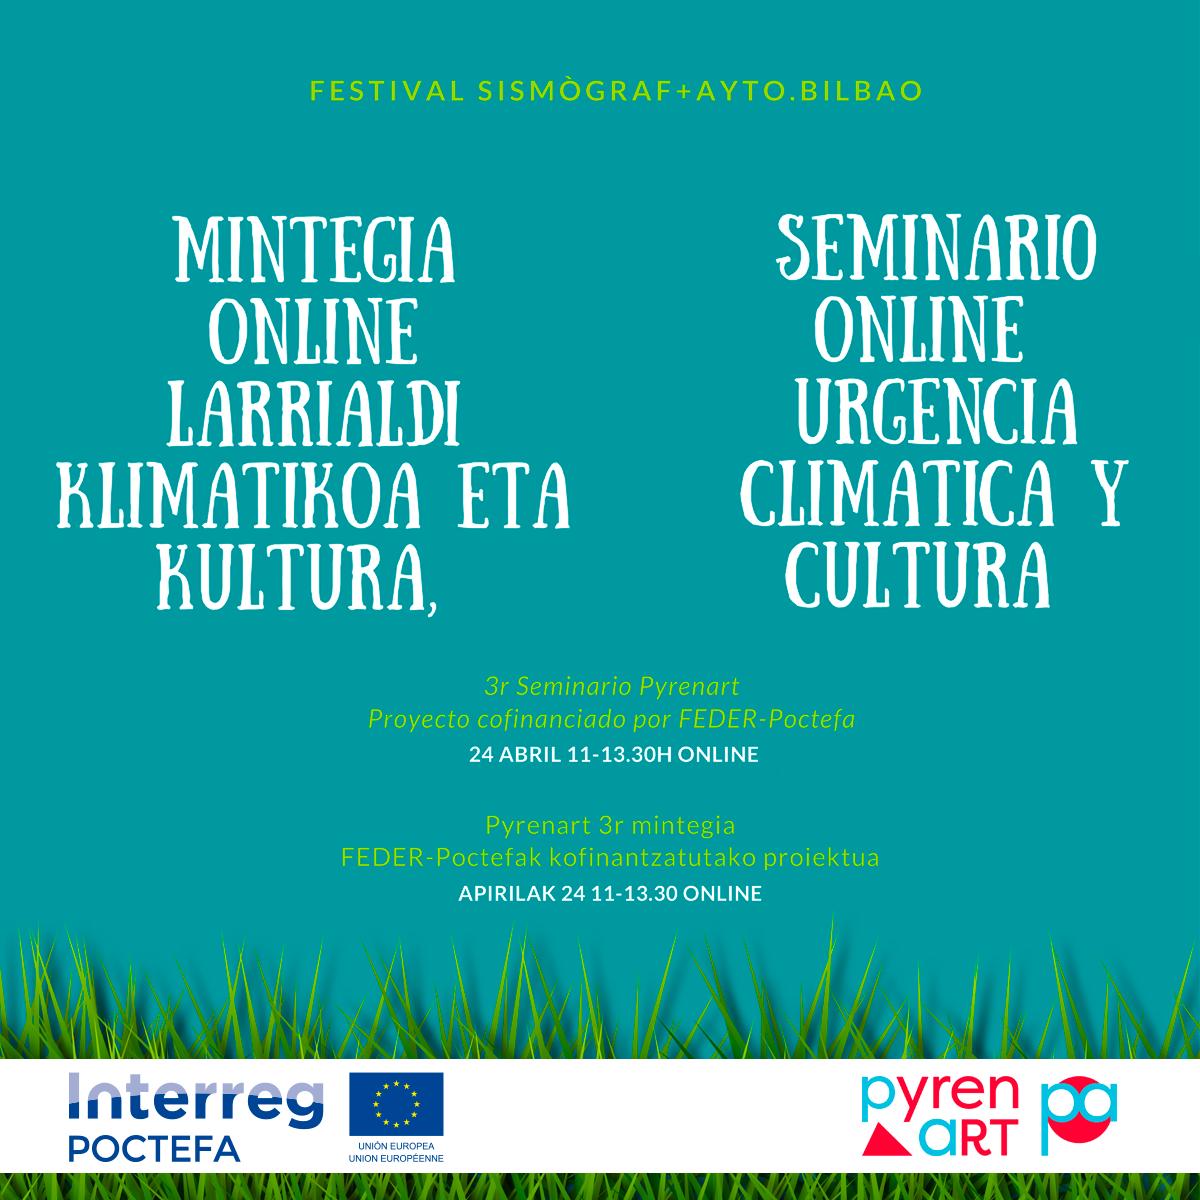 SEMINARIO ONLINE 'URGENCIA CLIMÁTICA Y CULTURA'